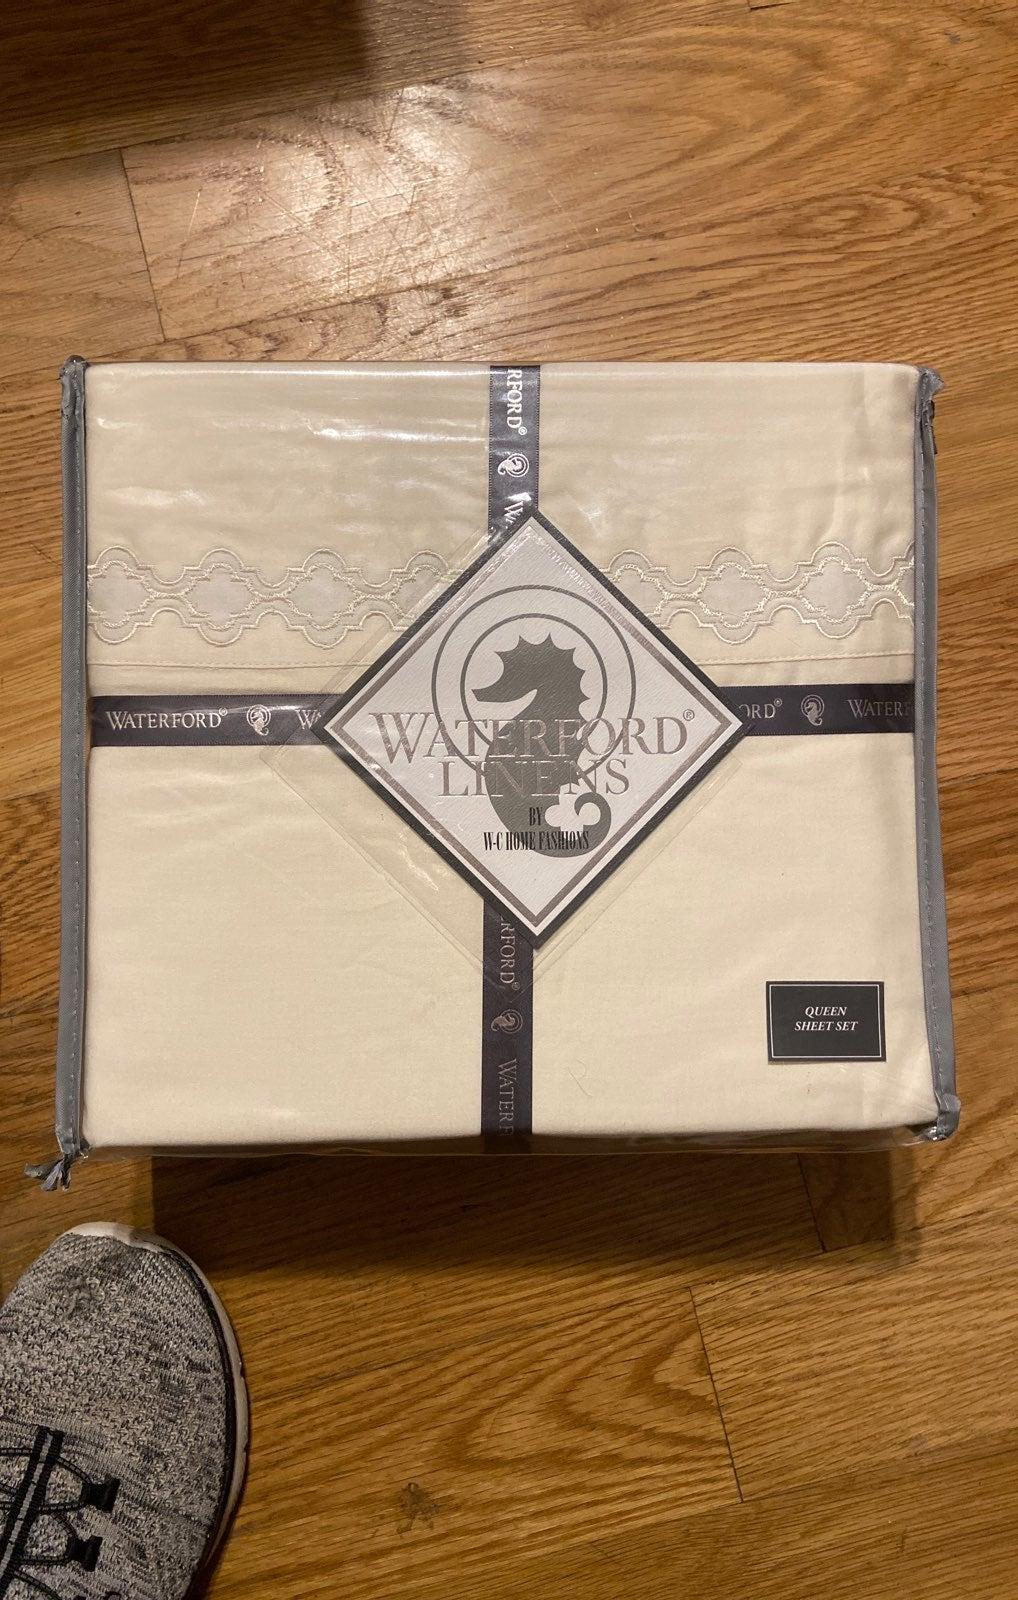 Waterford Queen Sheet Set